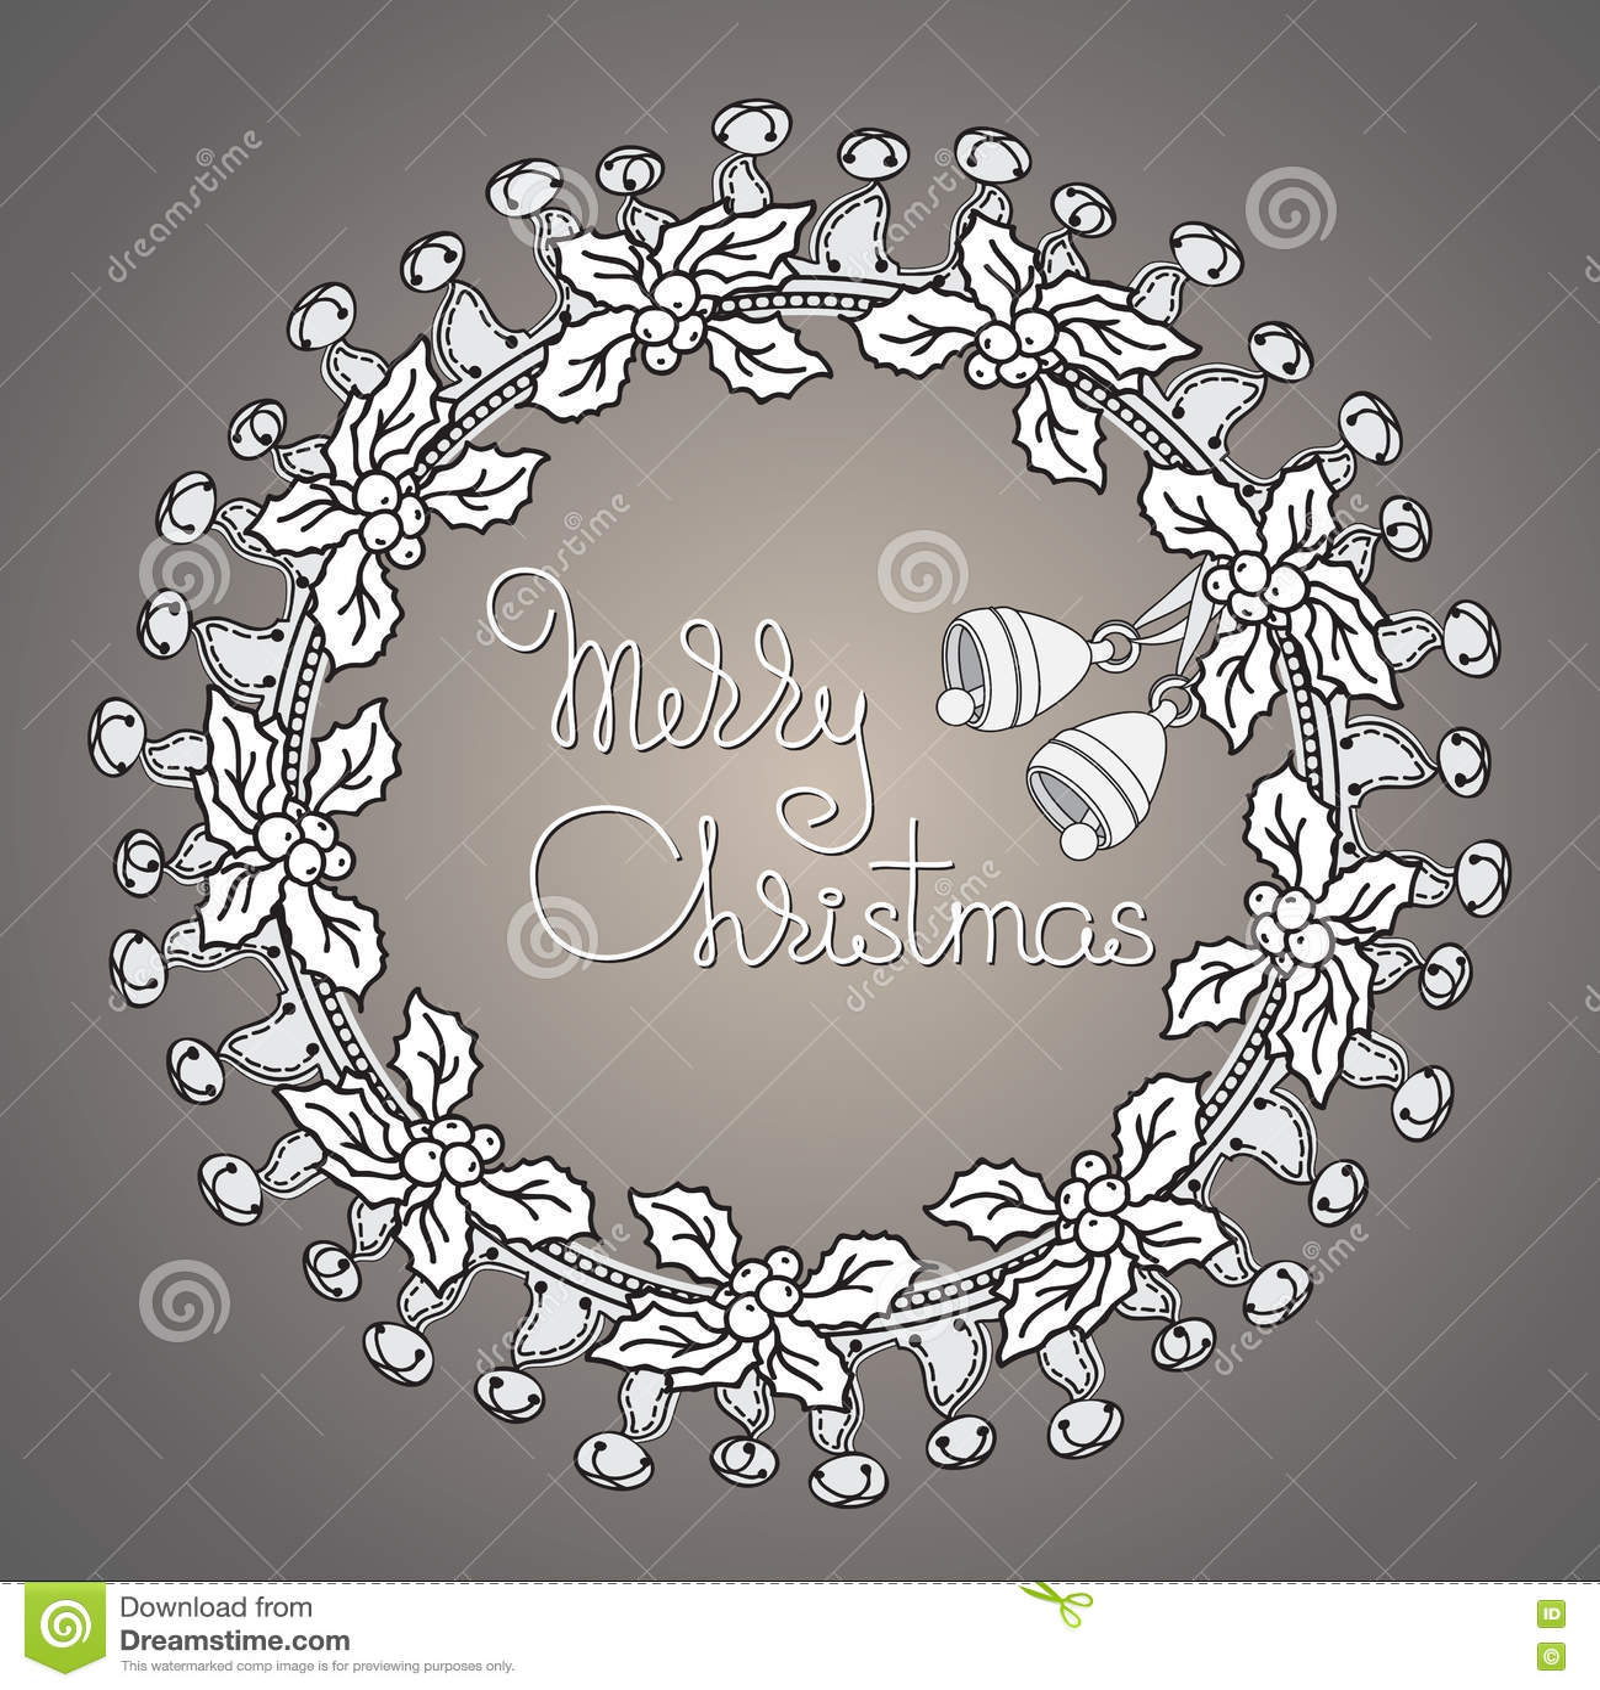 Bell Und Kranz, Handgeschriebene Wörter Frohe Weihnachten Vektor ...